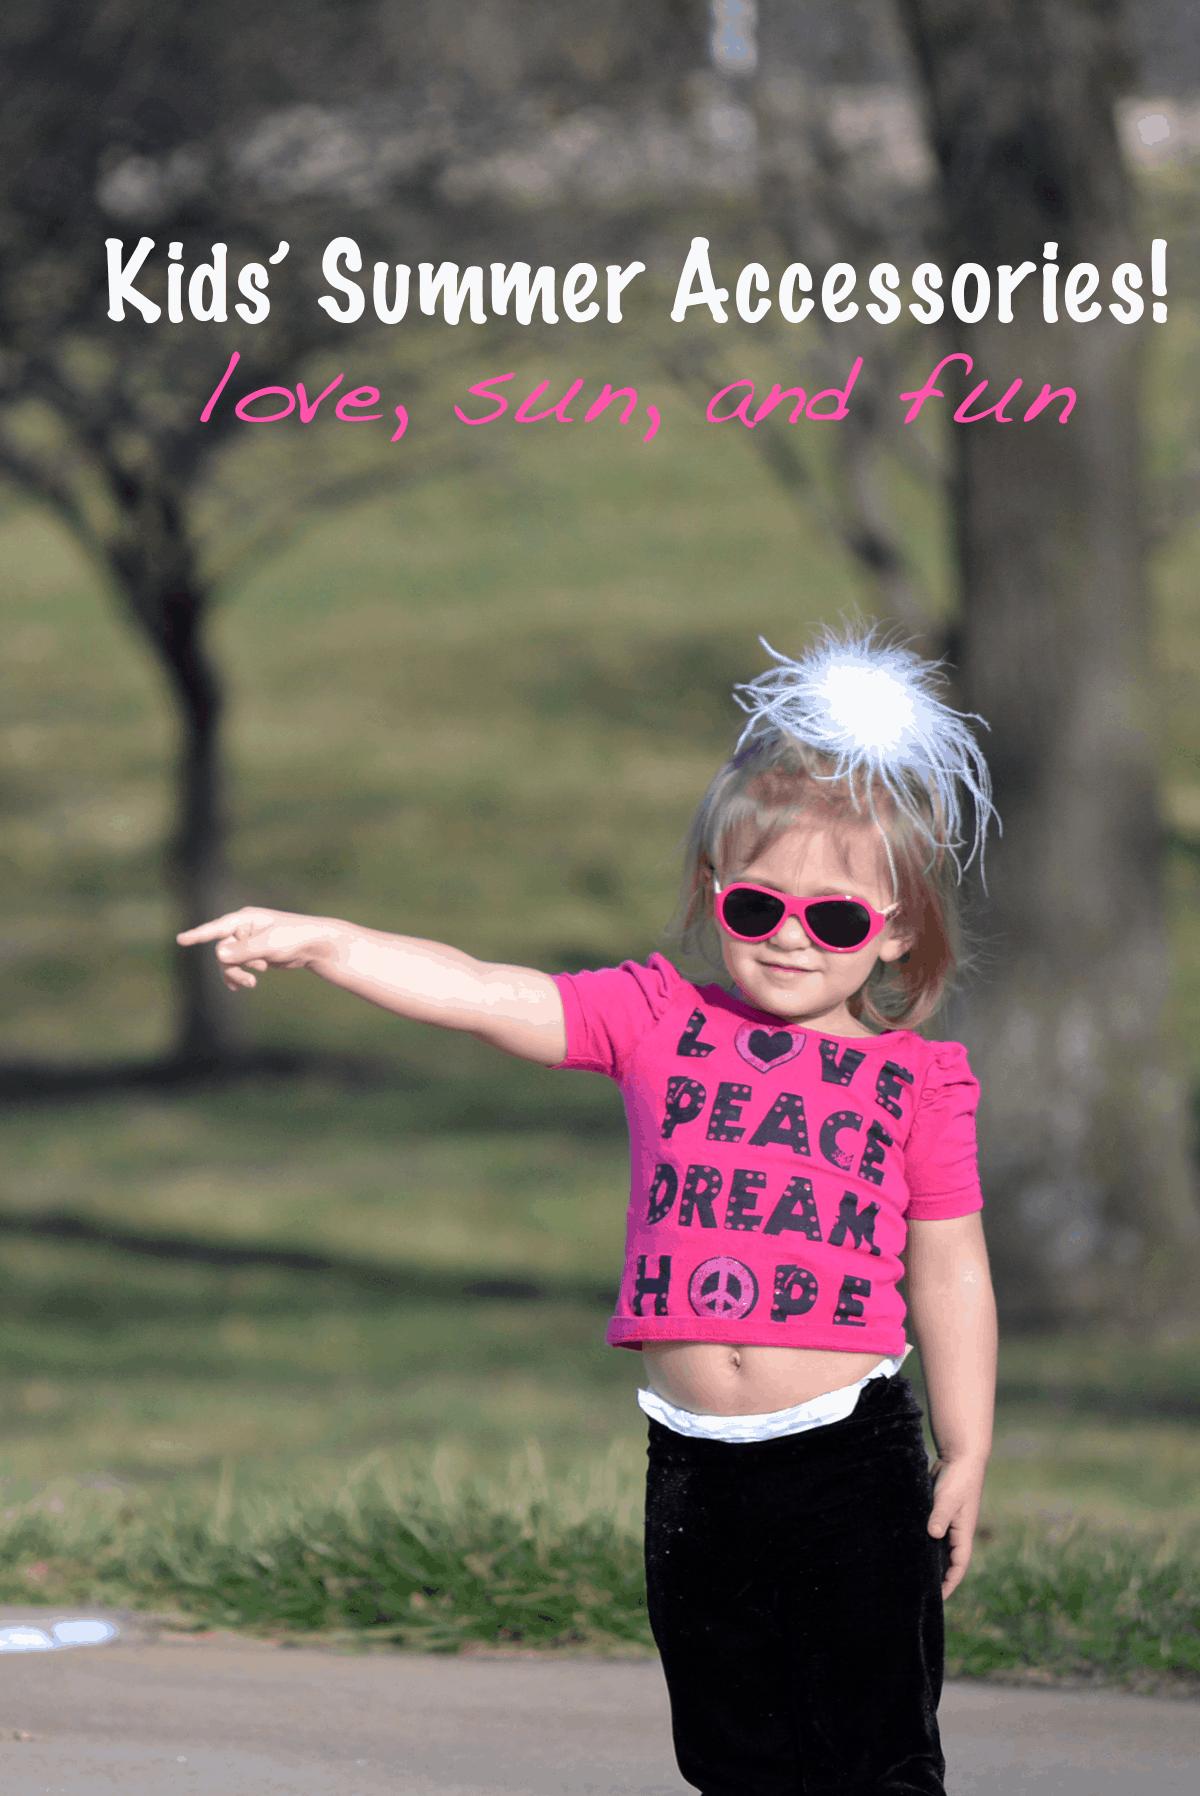 Kids' Summer Accessories and Babiators